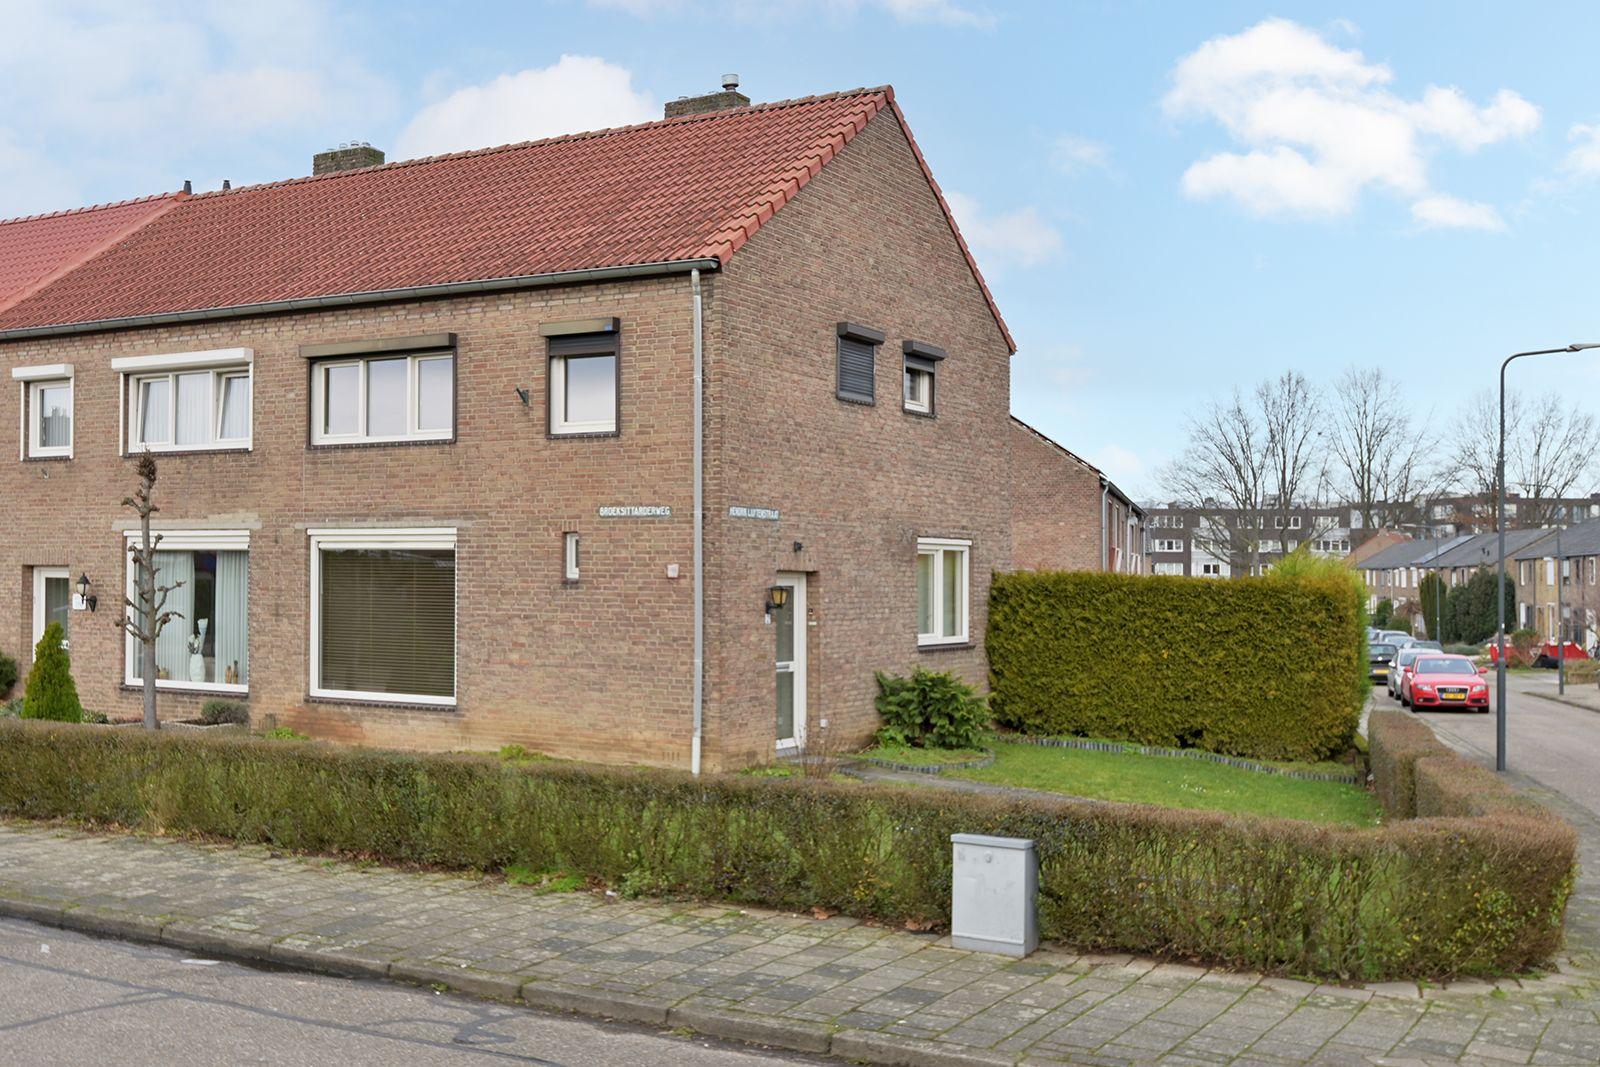 Hendrik Luijtenstraat 2, Sittard